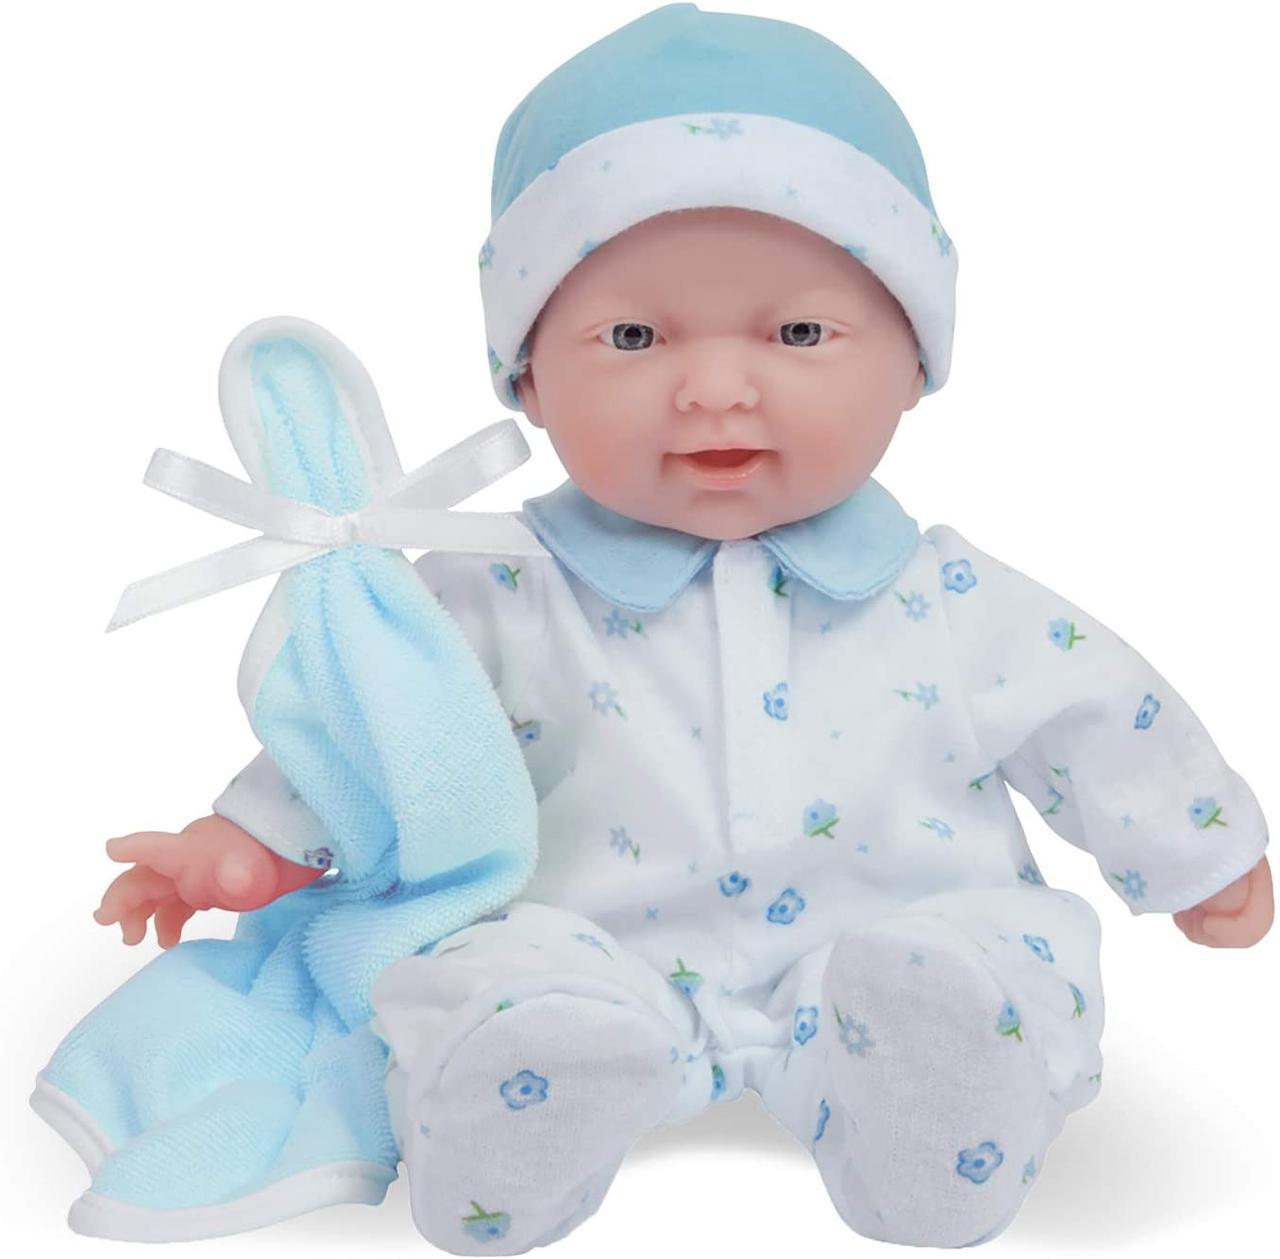 Маленькая кукла пупс 28 см Беренжер Голубая La Baby JC Toys Caucasian 11-inch Small Soft Body Baby Doll